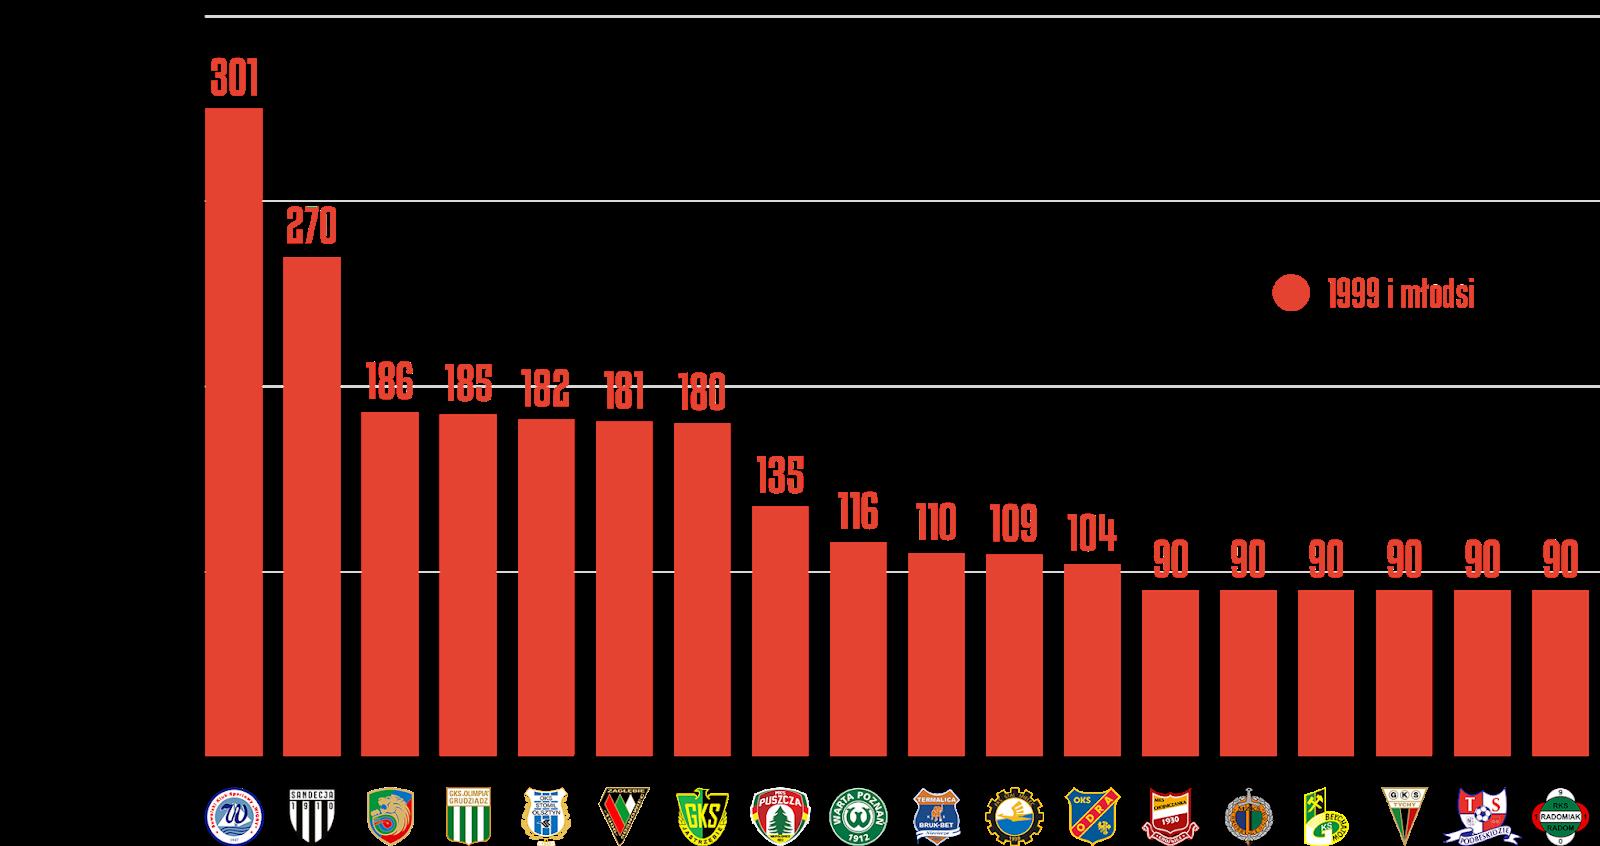 Klasyfikacja klubów pod względem rozegranych minut przez młodzieżowców w21.kolejce Fortuna 1Ligi<br><br>Źródło: Opracowanie własne na podstawie ekstrastats.pl<br><br>graf. Bartosz Urban